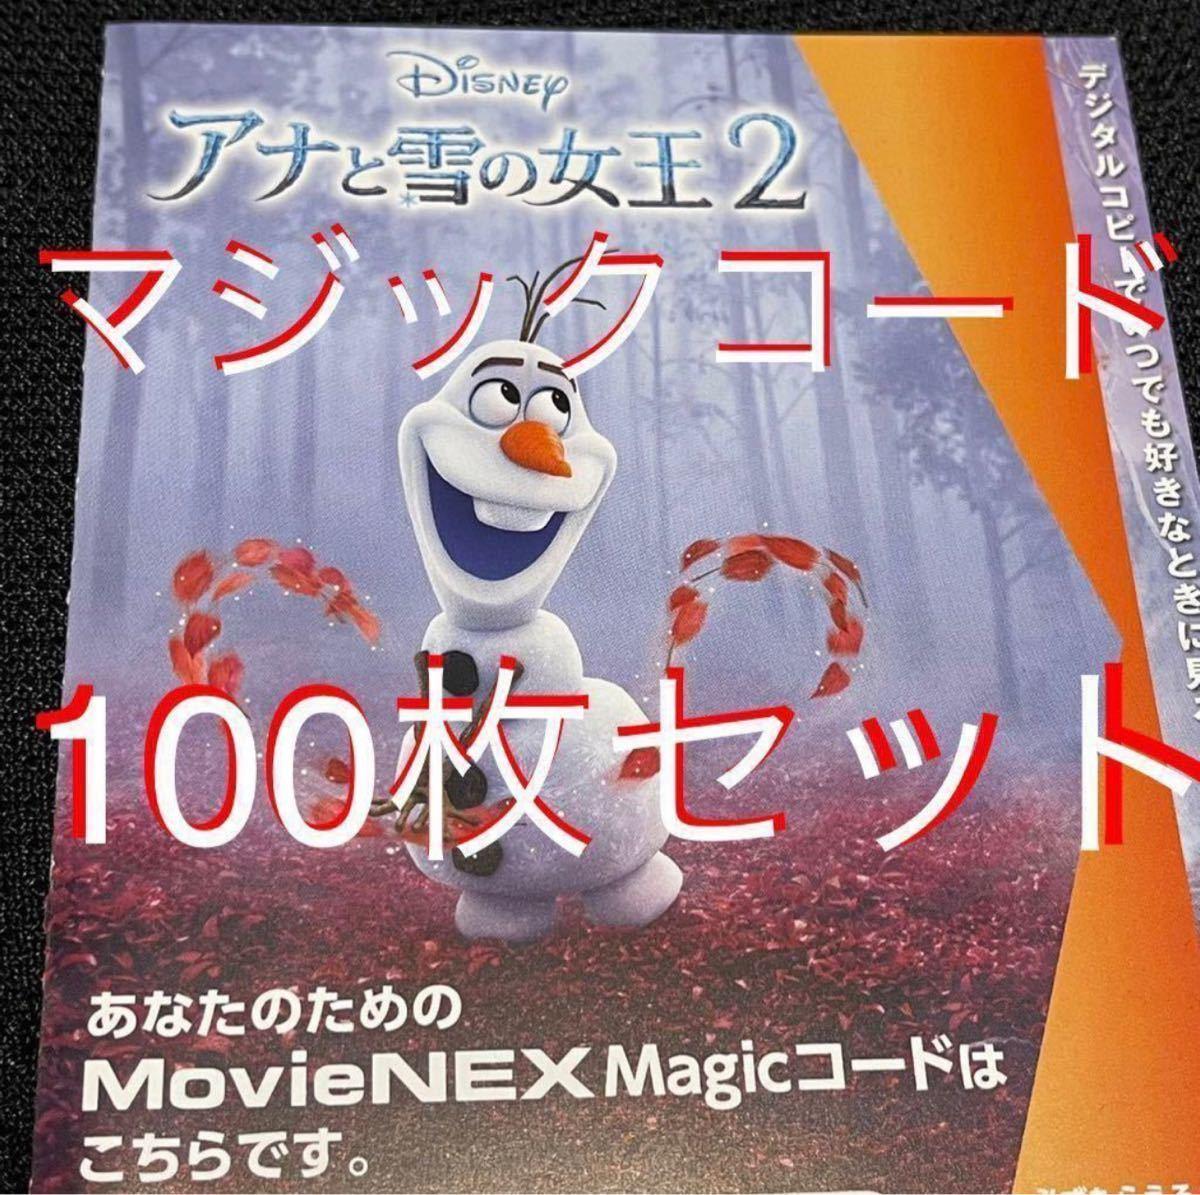 転売 商材 100枚まとめ売り アナと雪の女王2 マジックコード アナ雪2 デジタルコピー Magicコード ディズニー 転売ok